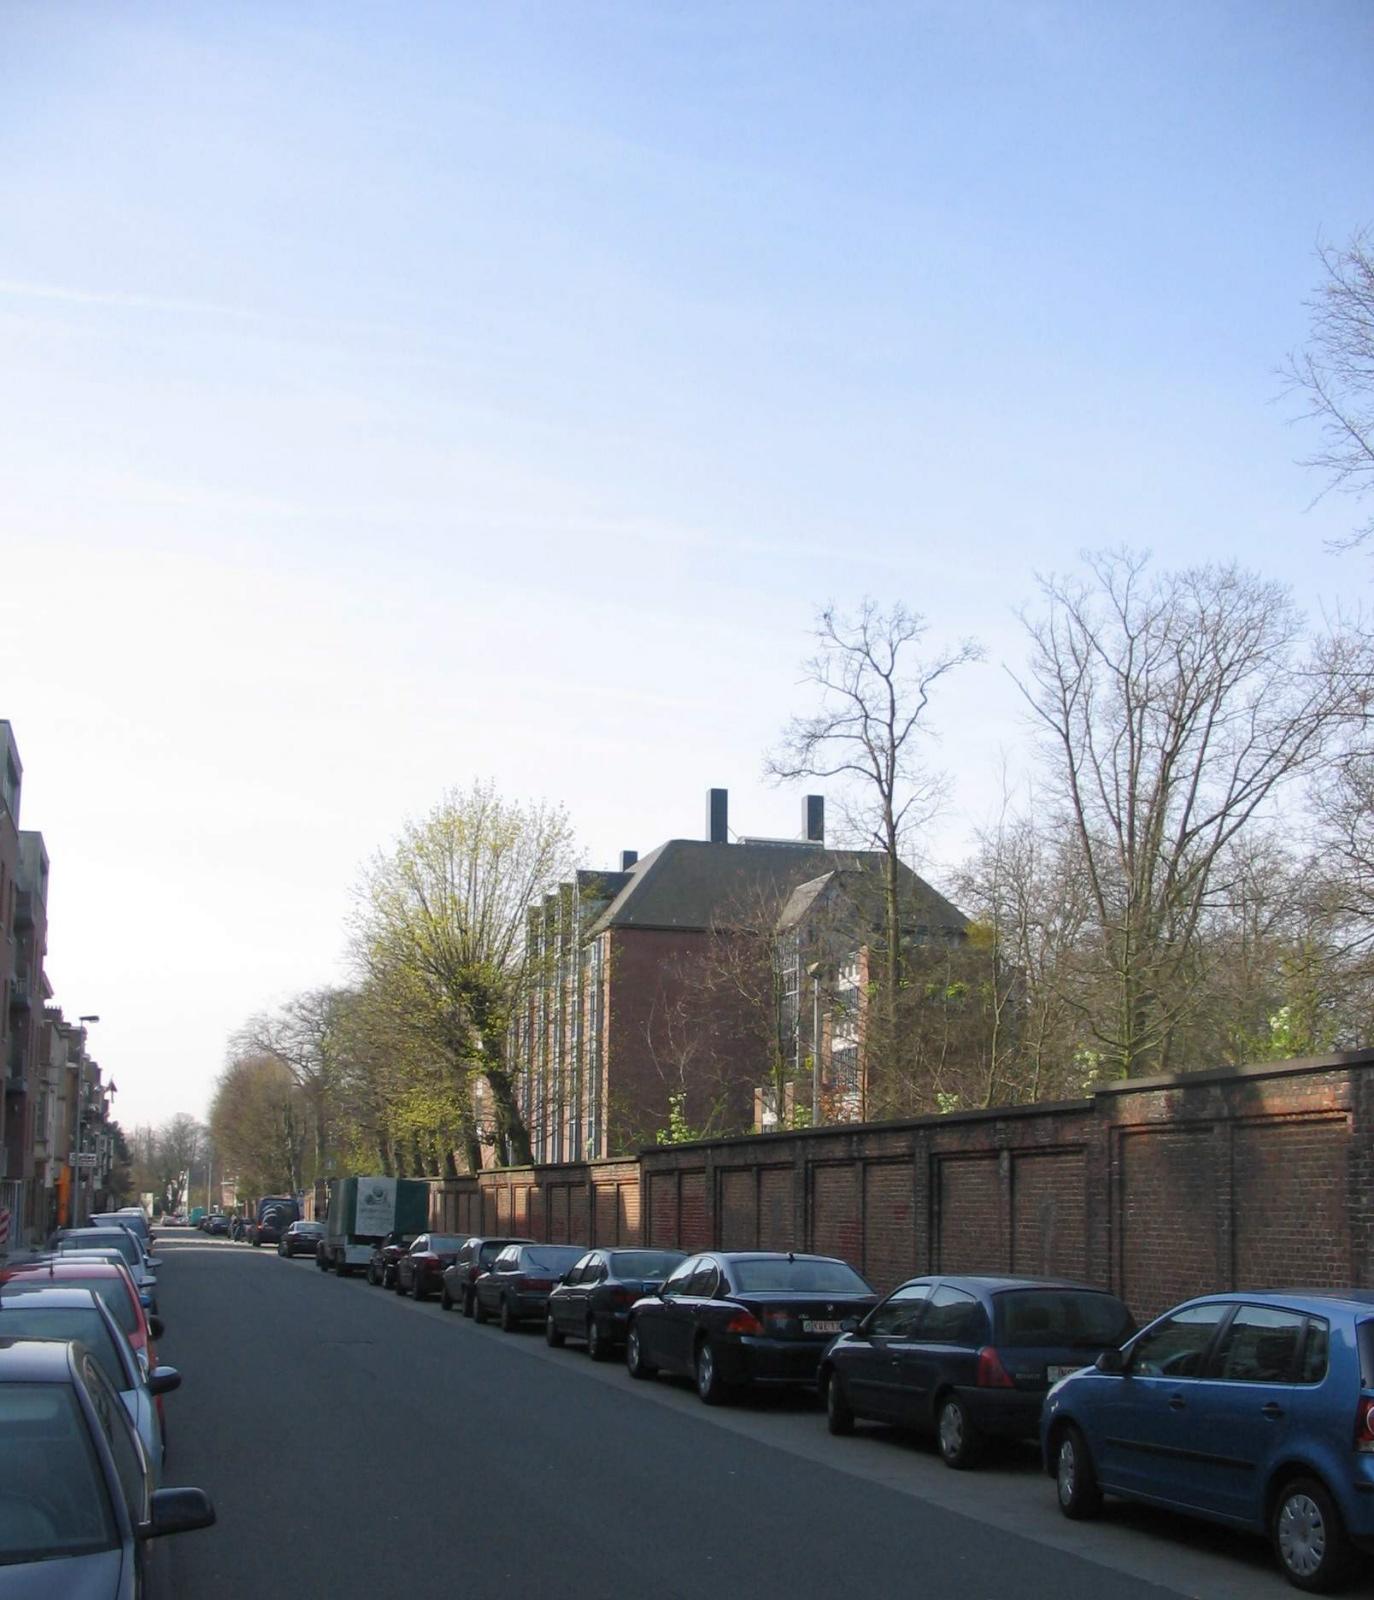 Maurice Liétartstraat vanuit de Sint-Michielscollegestraat met rechts de bakstenen omheiningmuur van het Sint-Michielscollege., 2007